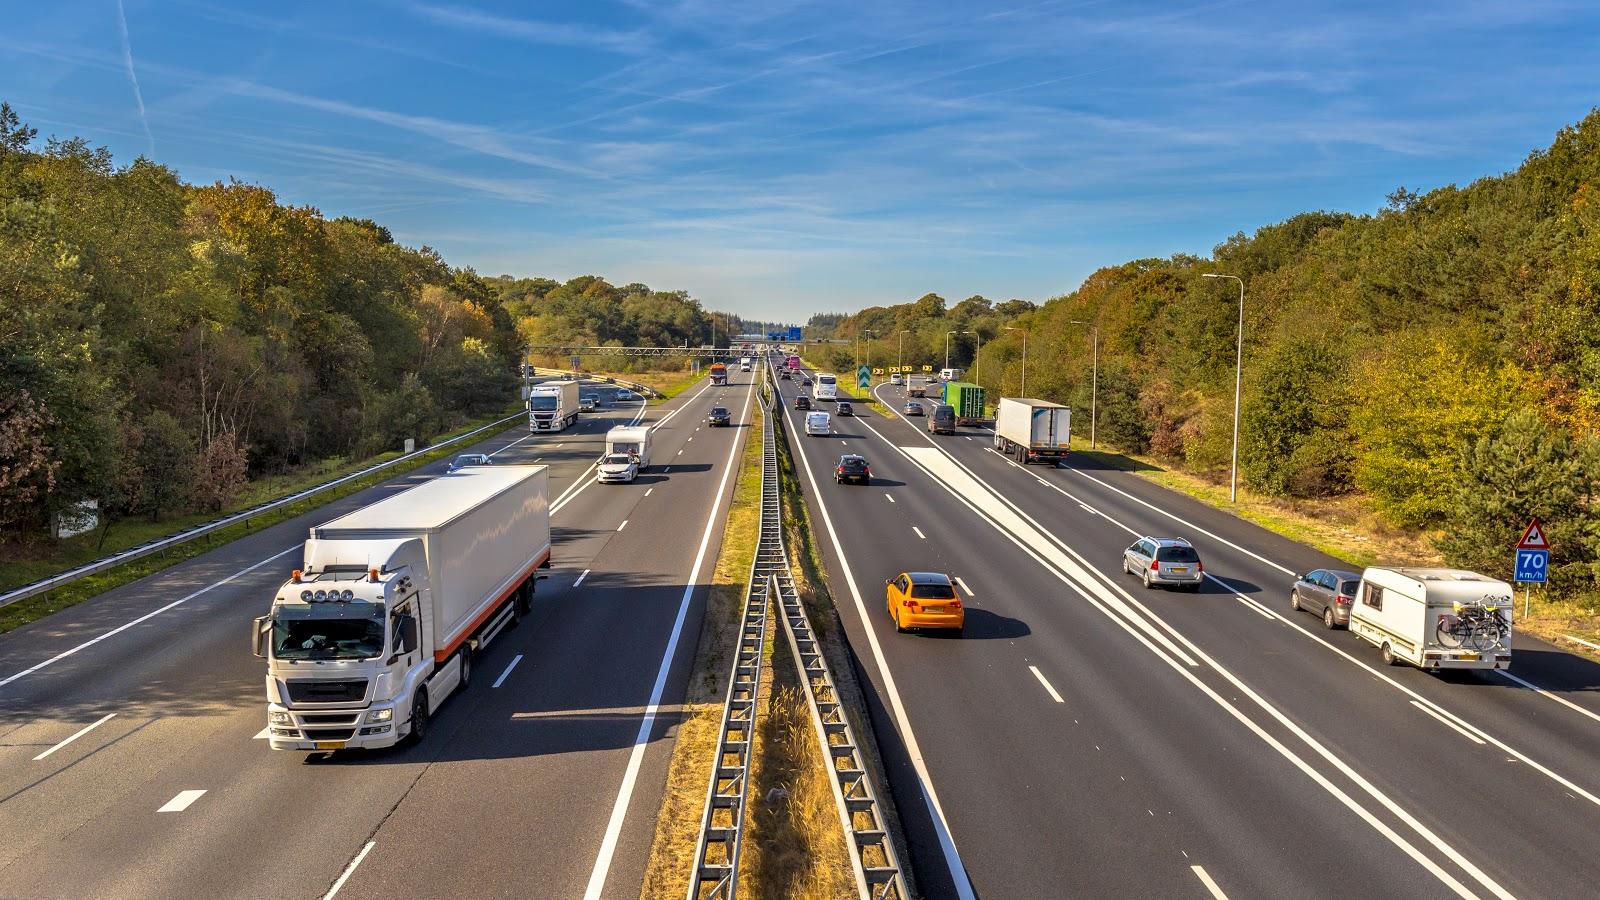 Verlaging van de maximumsnelheid: wat houdt het in?